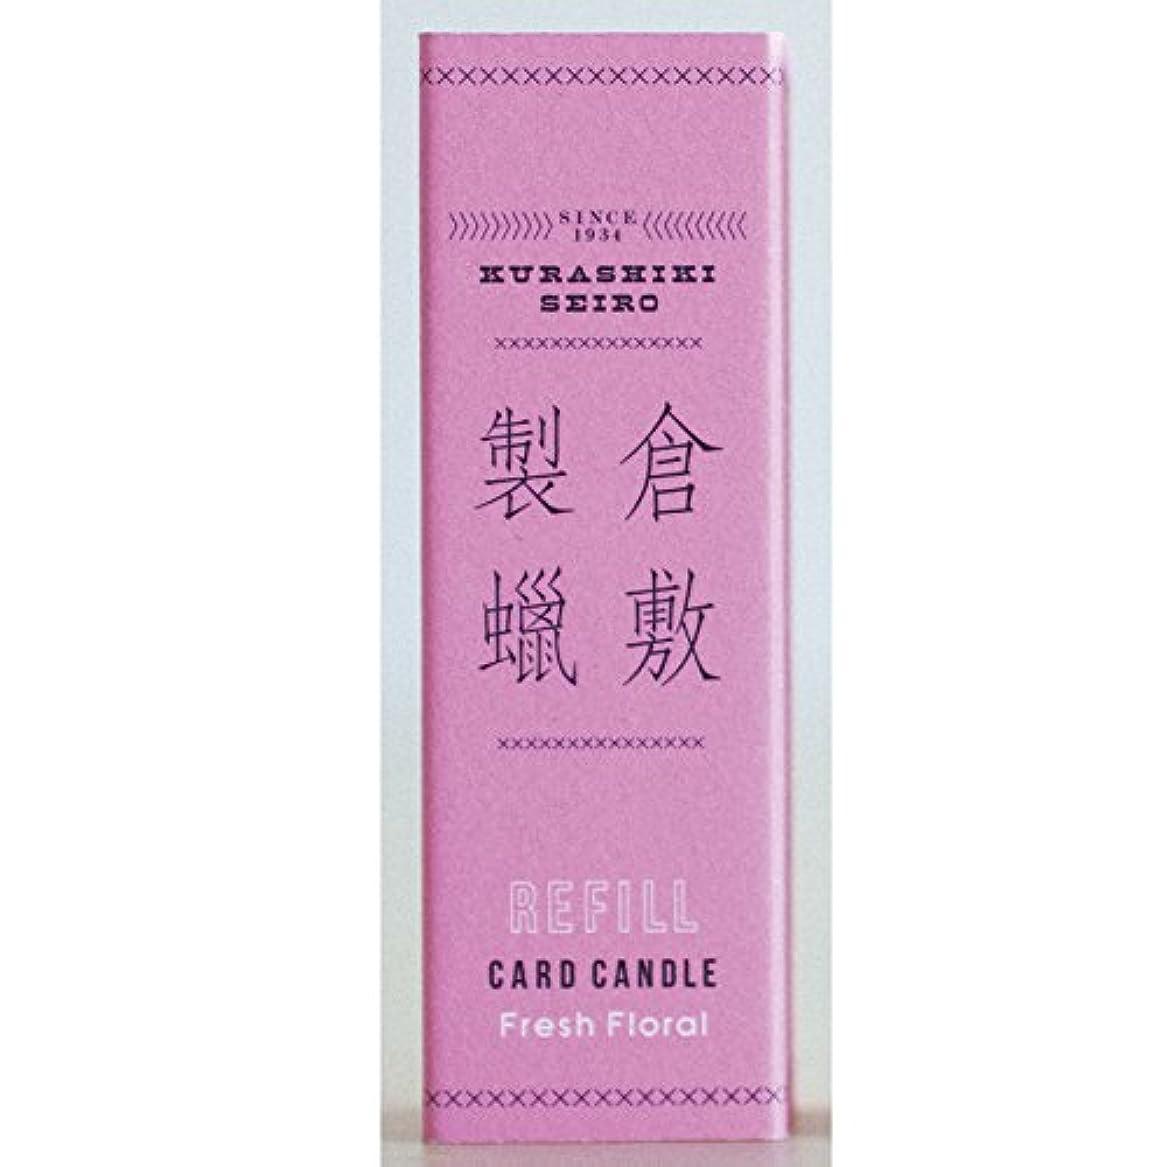 カメ学ぶ好奇心盛倉敷製蝋 CARD CANDLE REFILL (Fresh Floral)